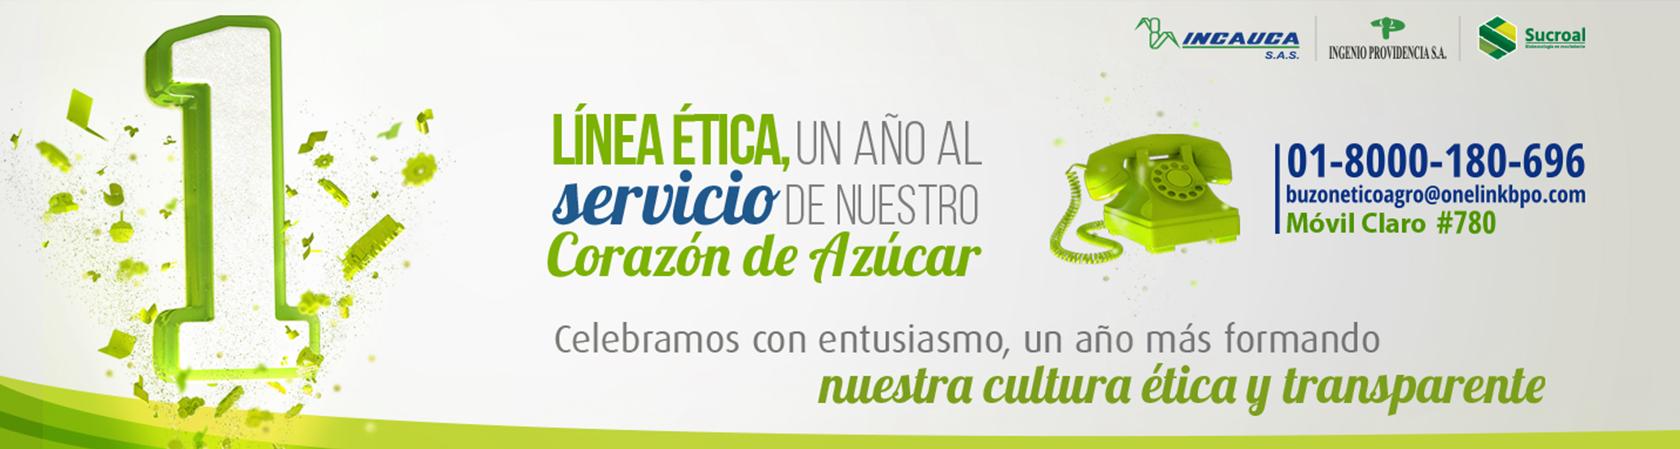 linea-etica_incauca